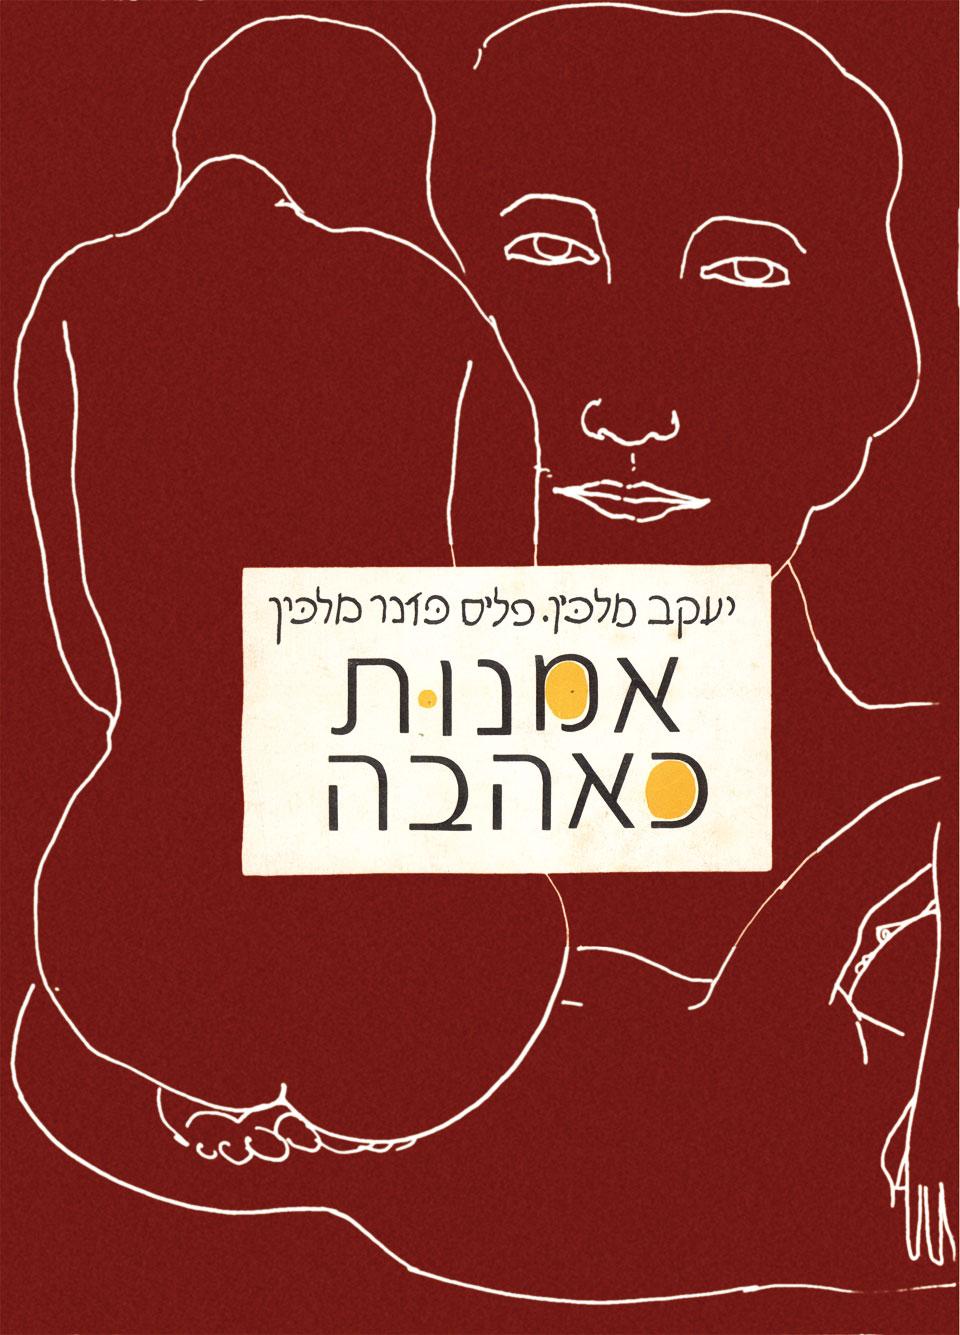 אמנות כאהבה -Art as love - יעקב מלכין/פליס פזנר מלכין, עברית, 1975